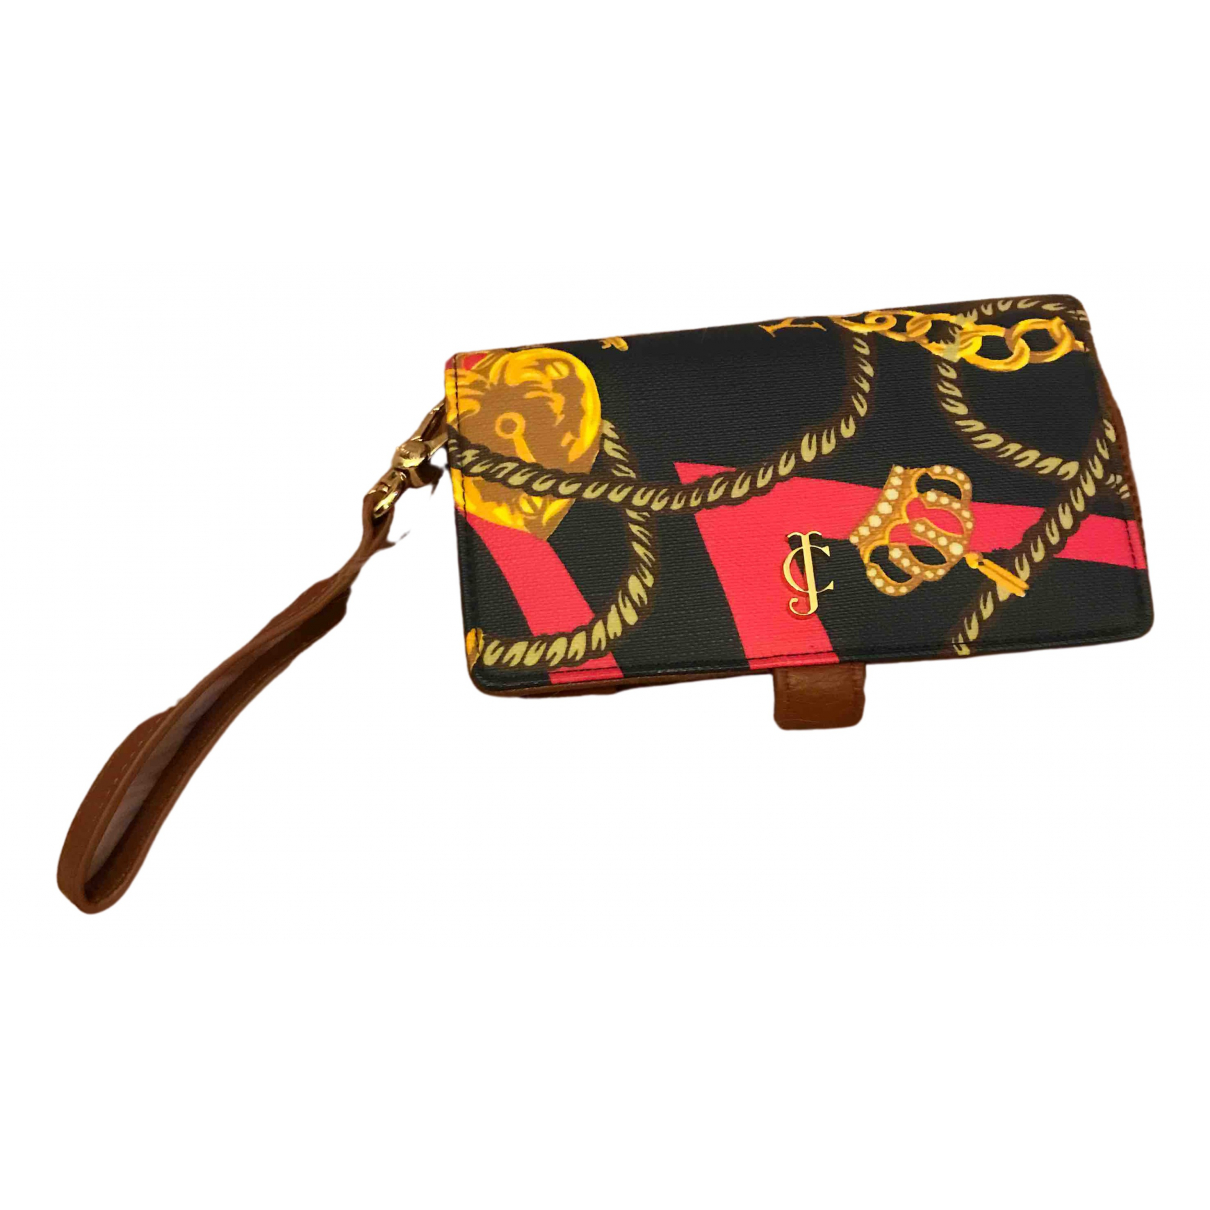 Juicy Couture - Petite maroquinerie   pour femme en cuir - multicolore